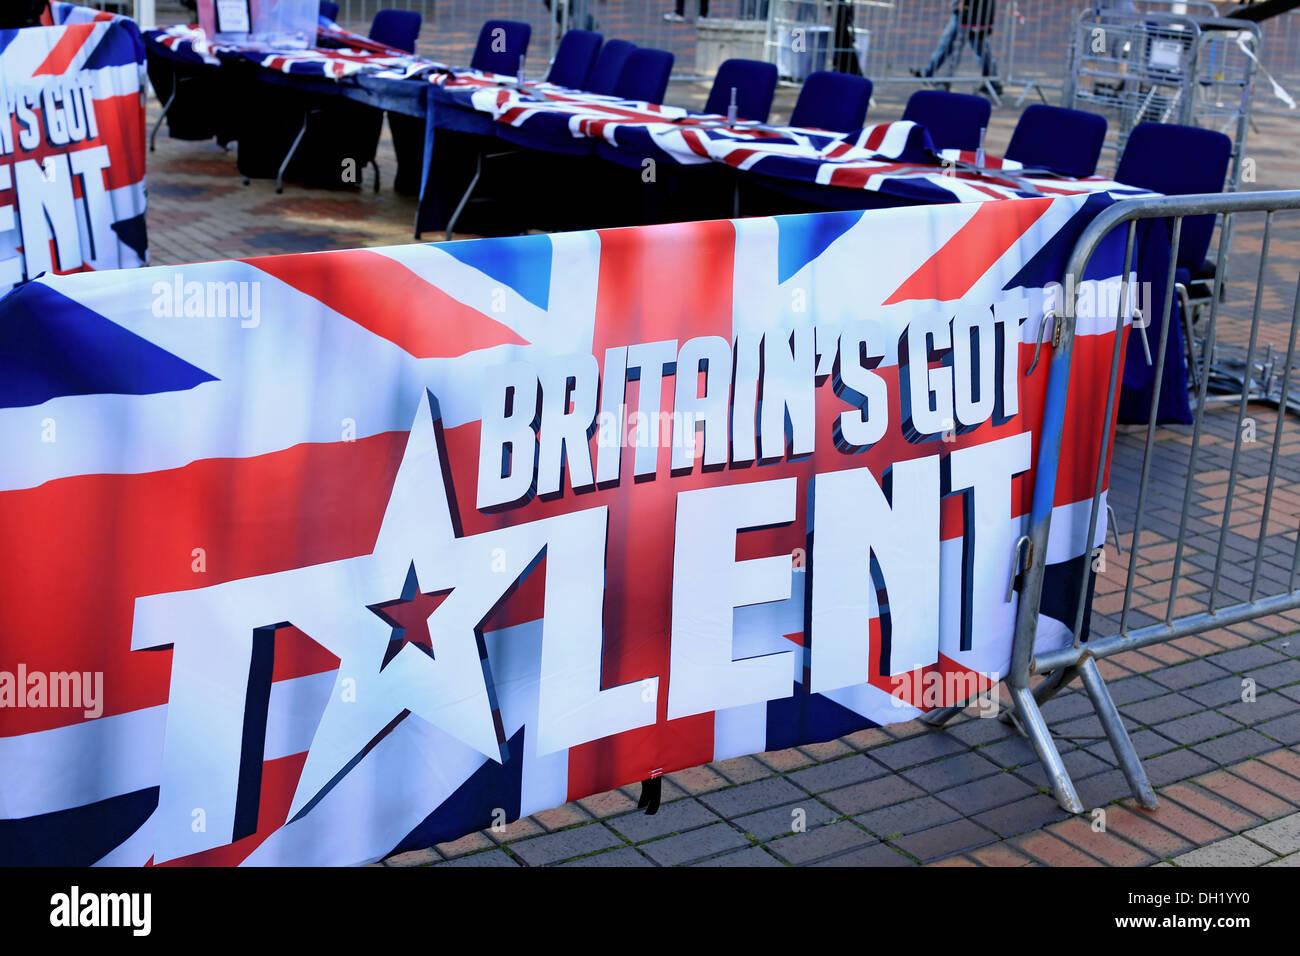 Britain es Got Talent Banner und Richter Stühle bereit für Talent Künstler bei Auditions für die Fernsehsendung durchführen Stockbild